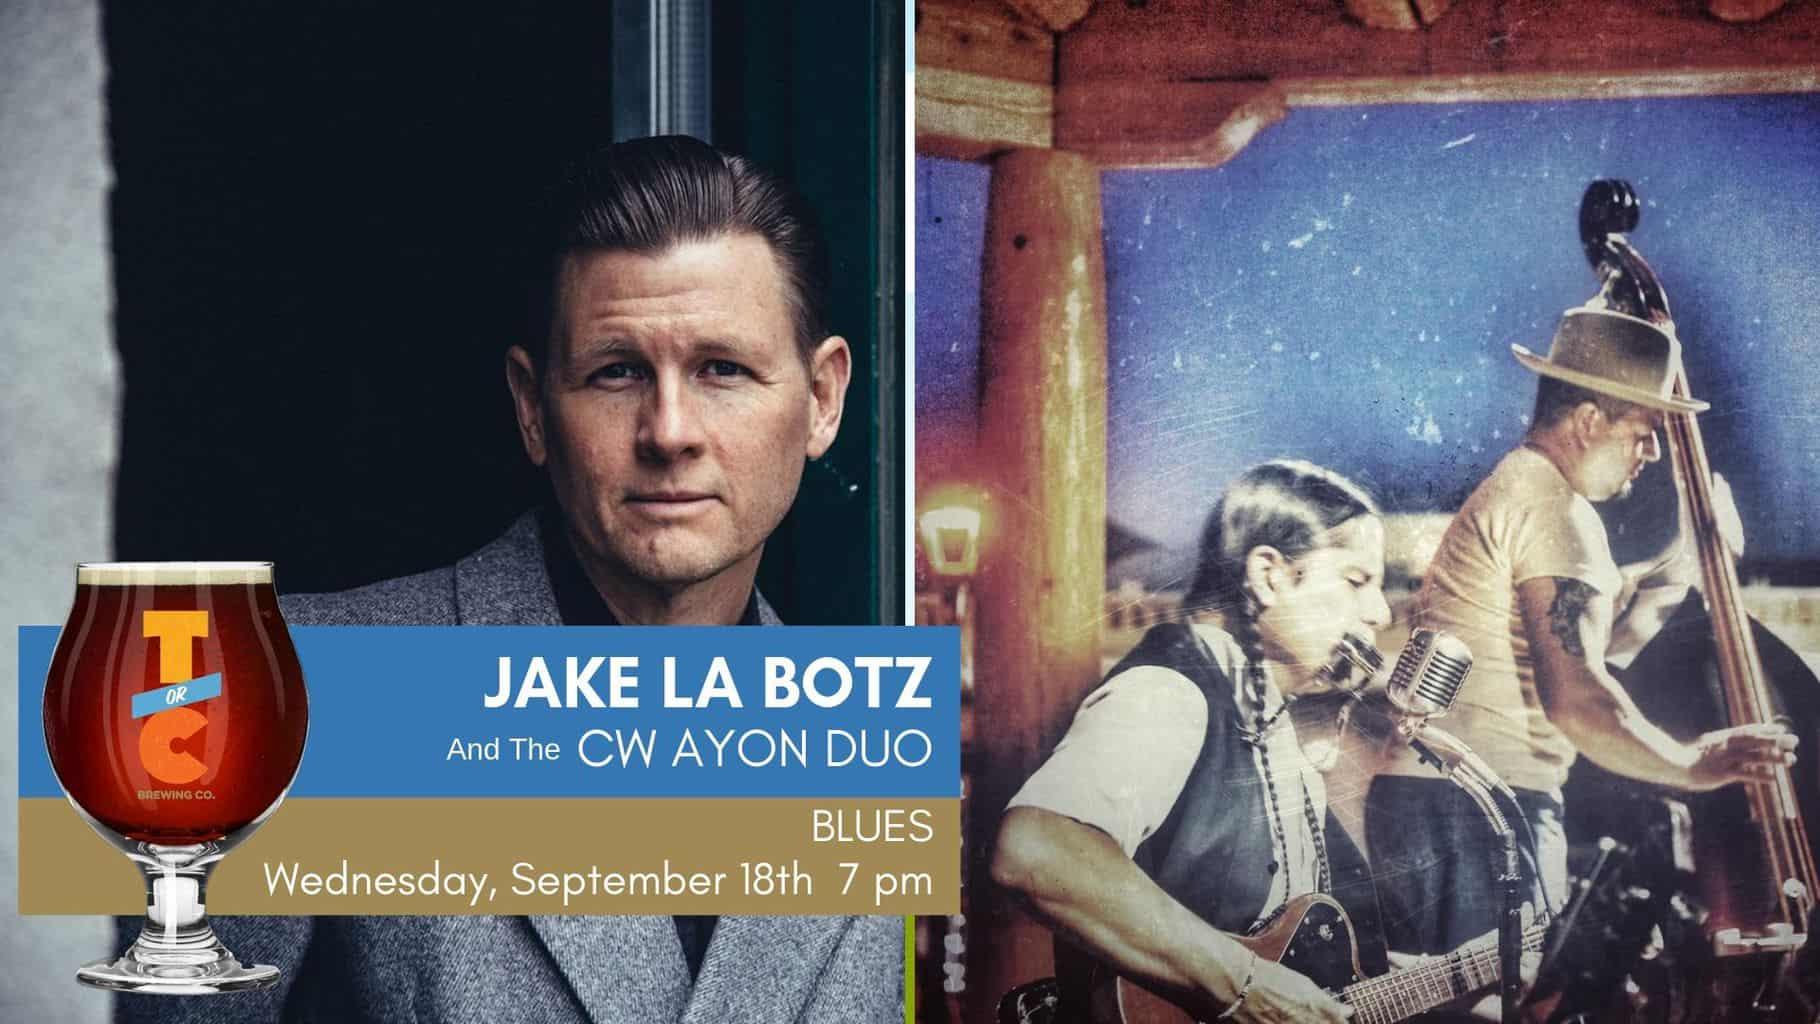 Jake La Botz & CW Ayon Duo